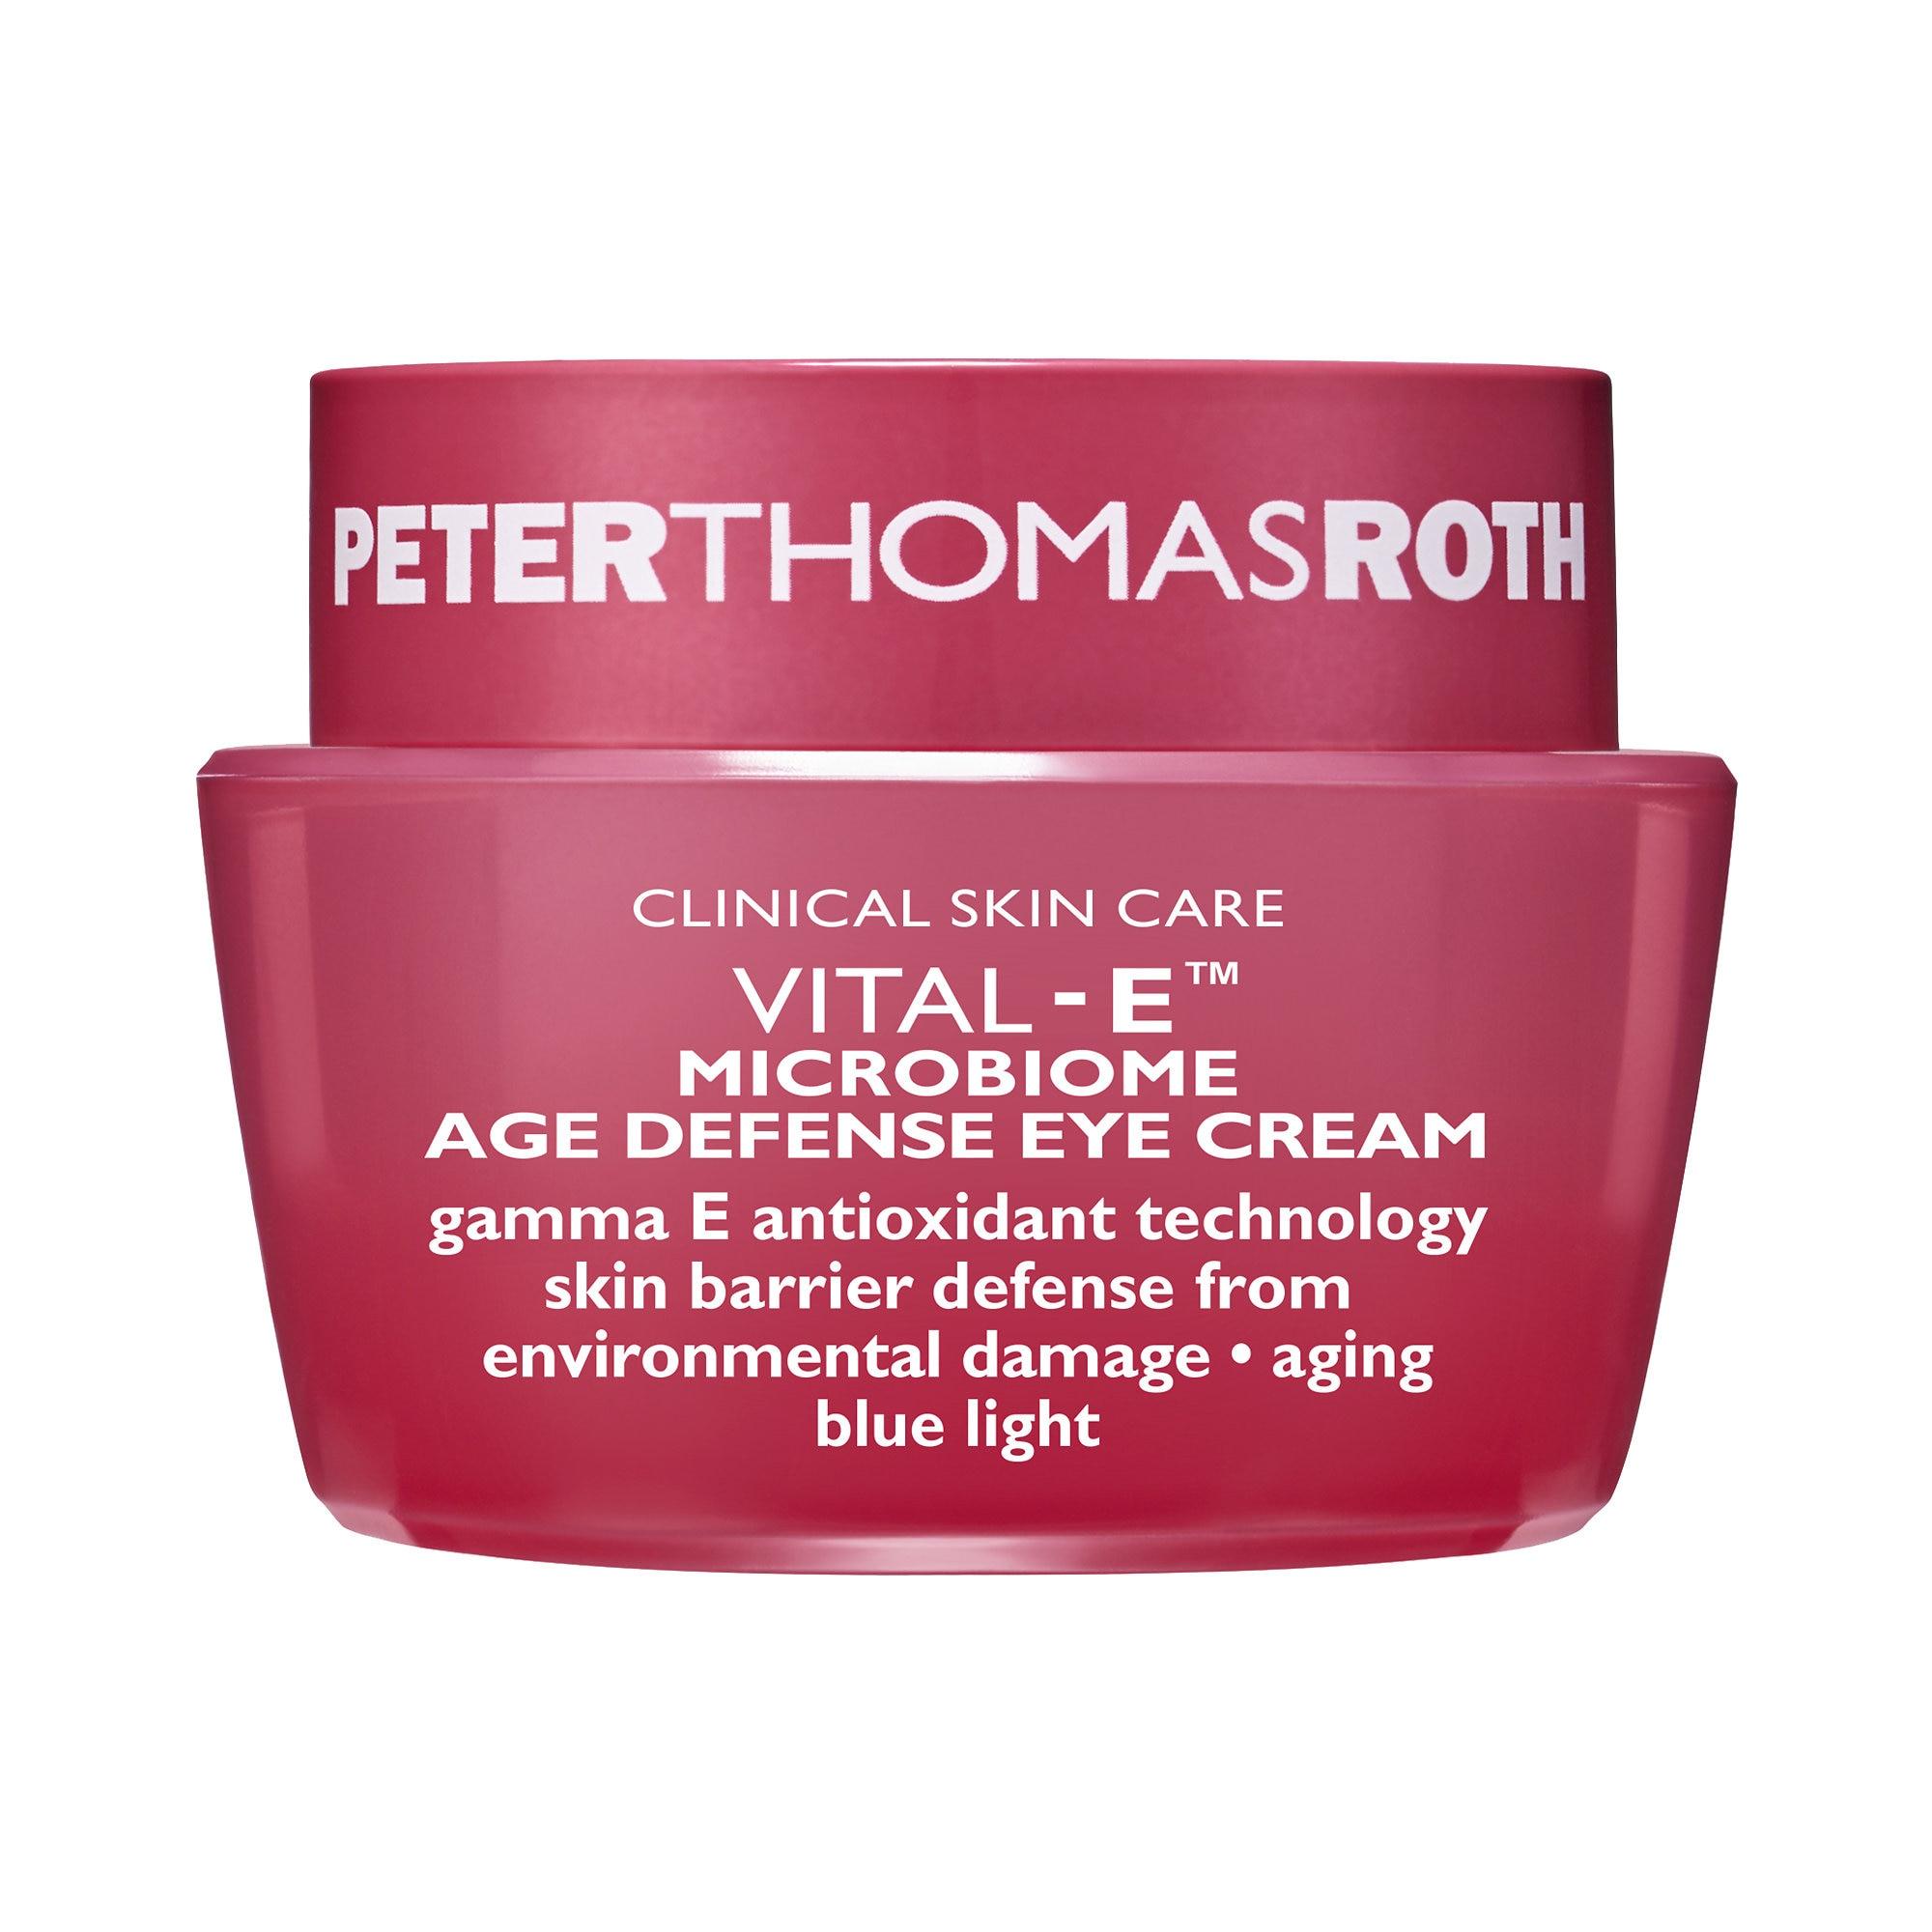 Vital-e Microbiome Age Defense Cream